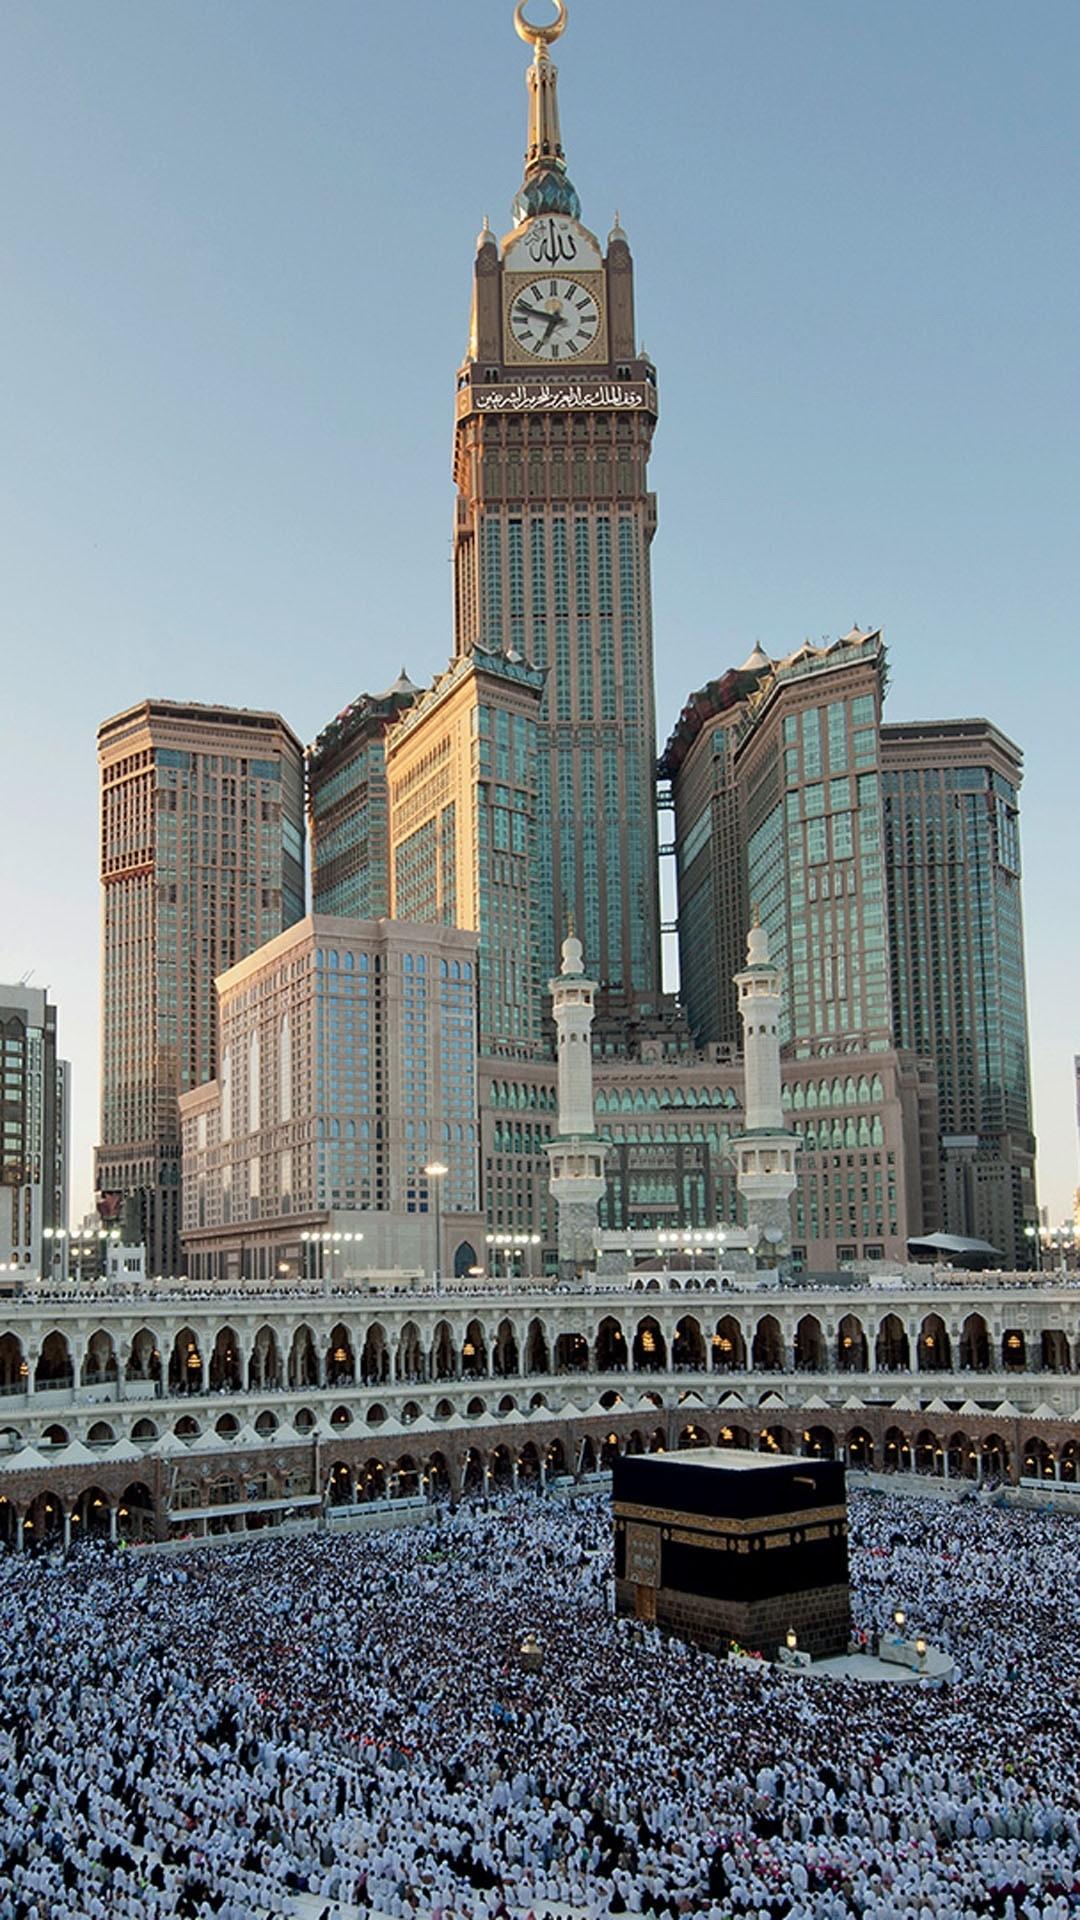 Res: 1080x1920, Download Makkah Clock Royal Tower 1080 x 1920 Wallpapers - 4528727 -  Islamic Mekkah Tower | mobile9